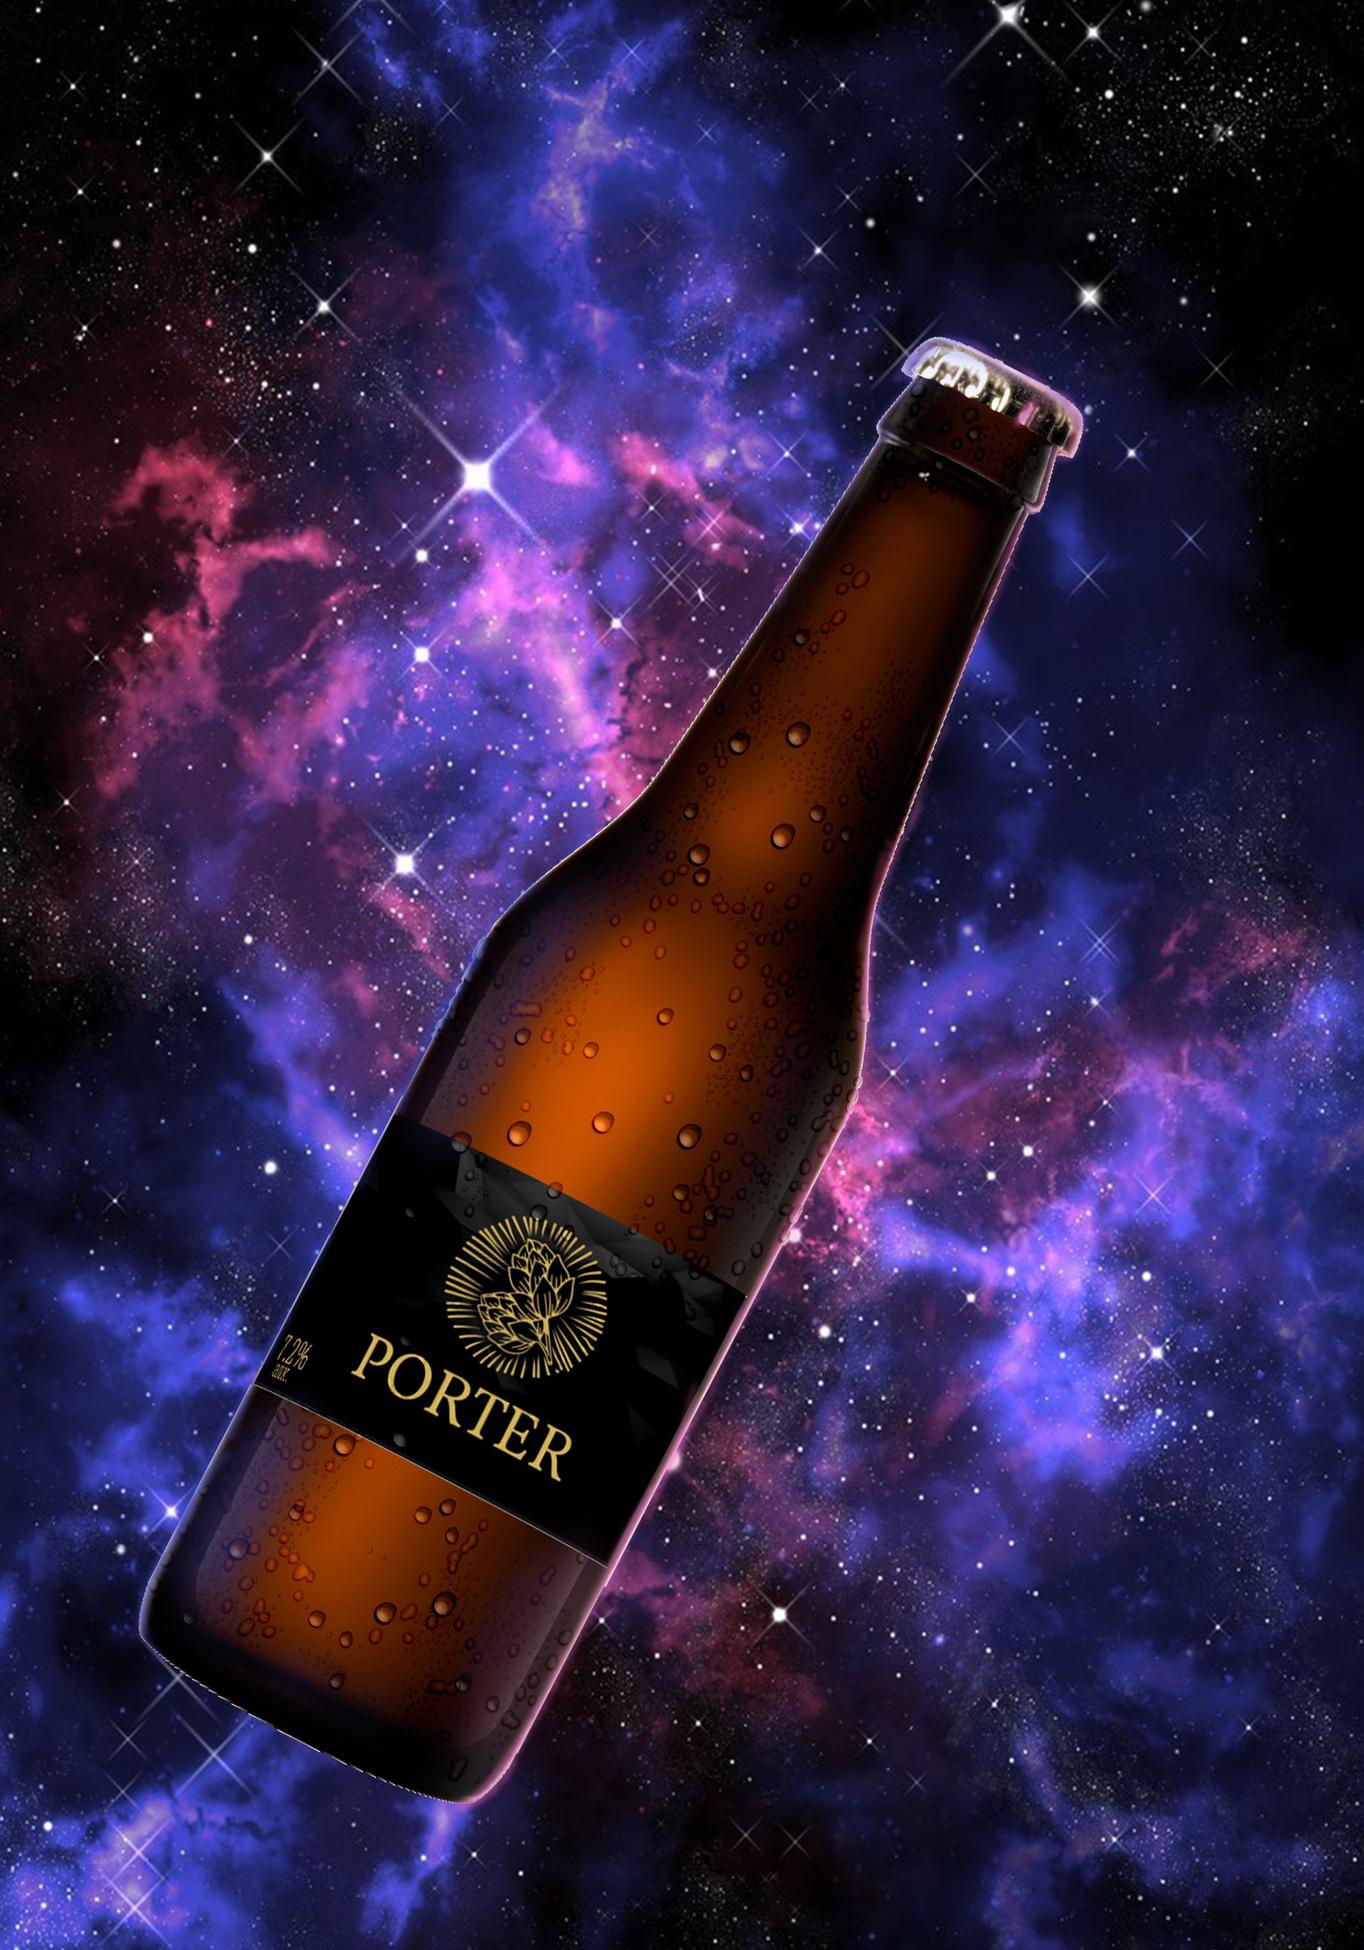 Темная «лошадка» в мире пива – портер